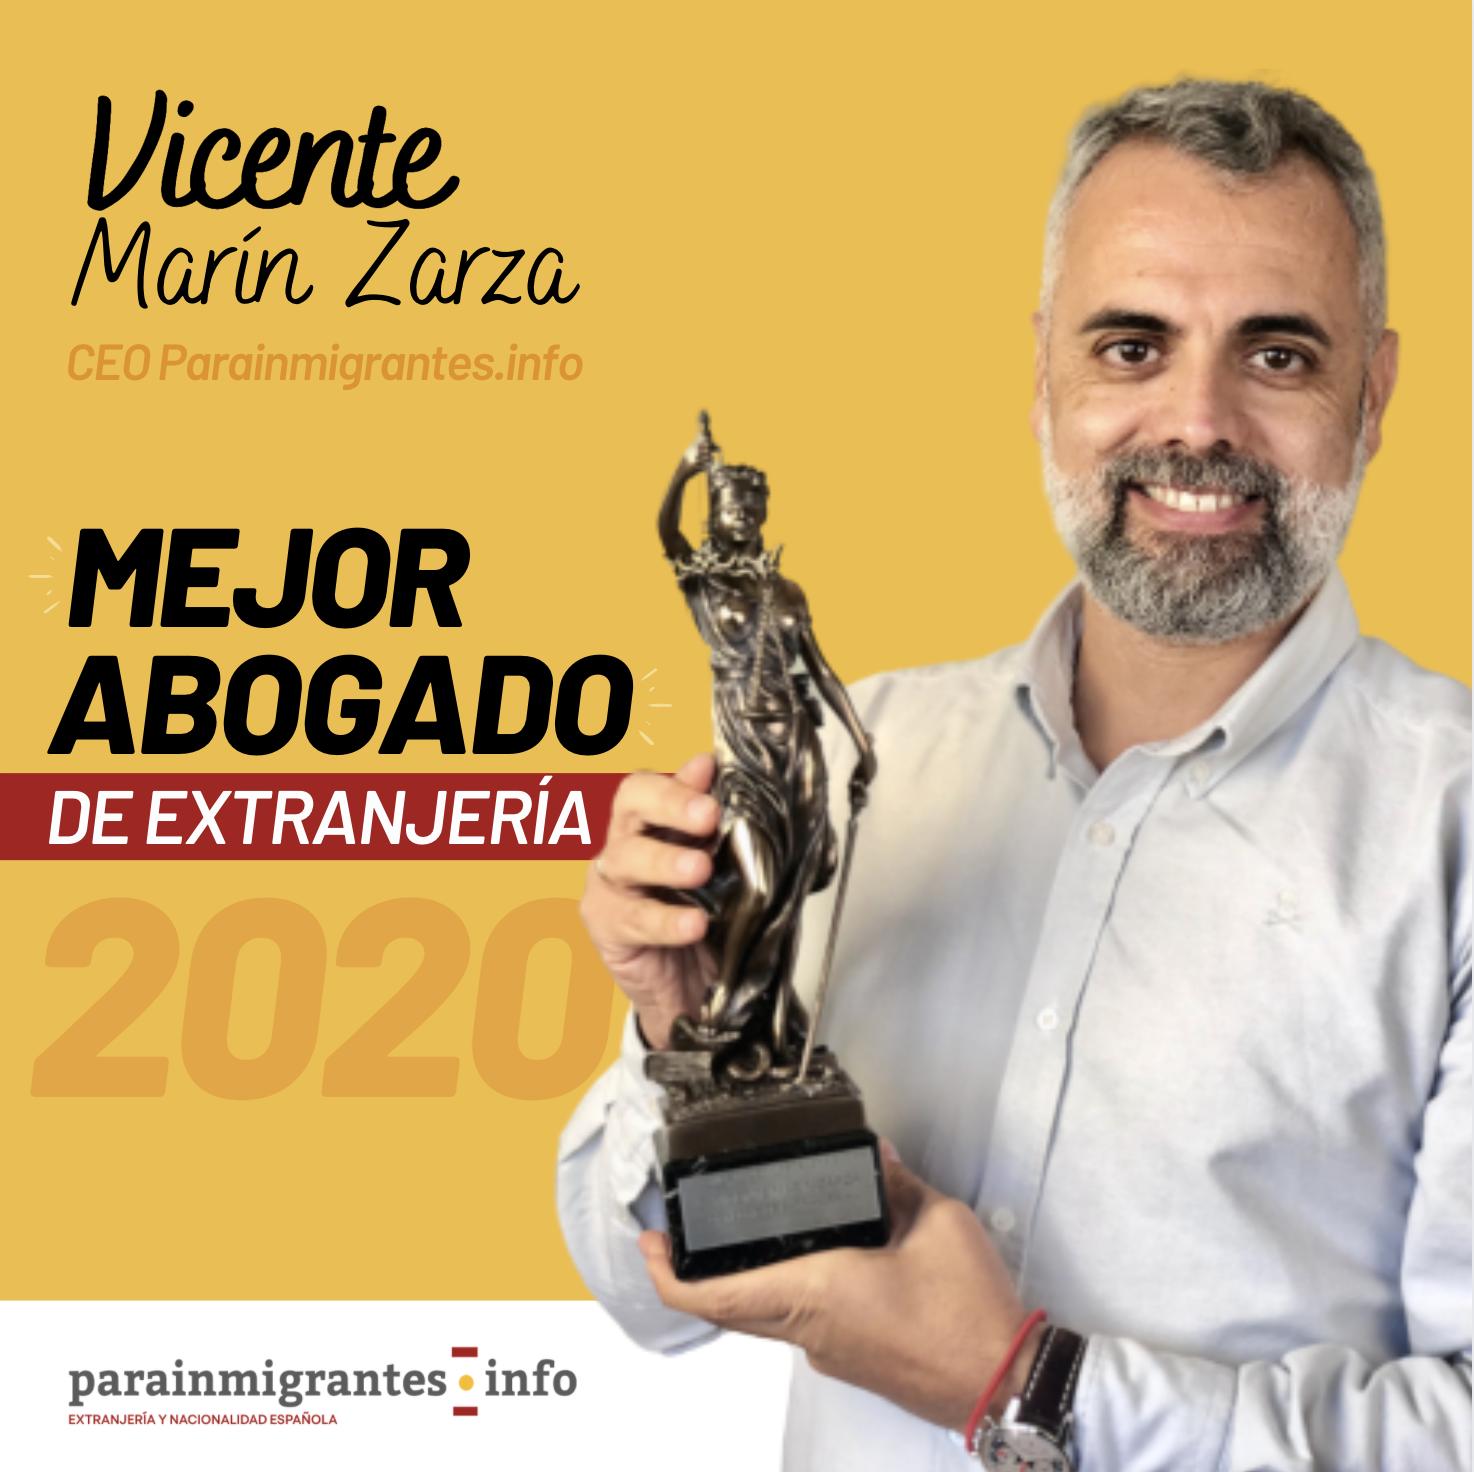 Premio Mejor Abogado de Extranjería 2020 Vicente Marín